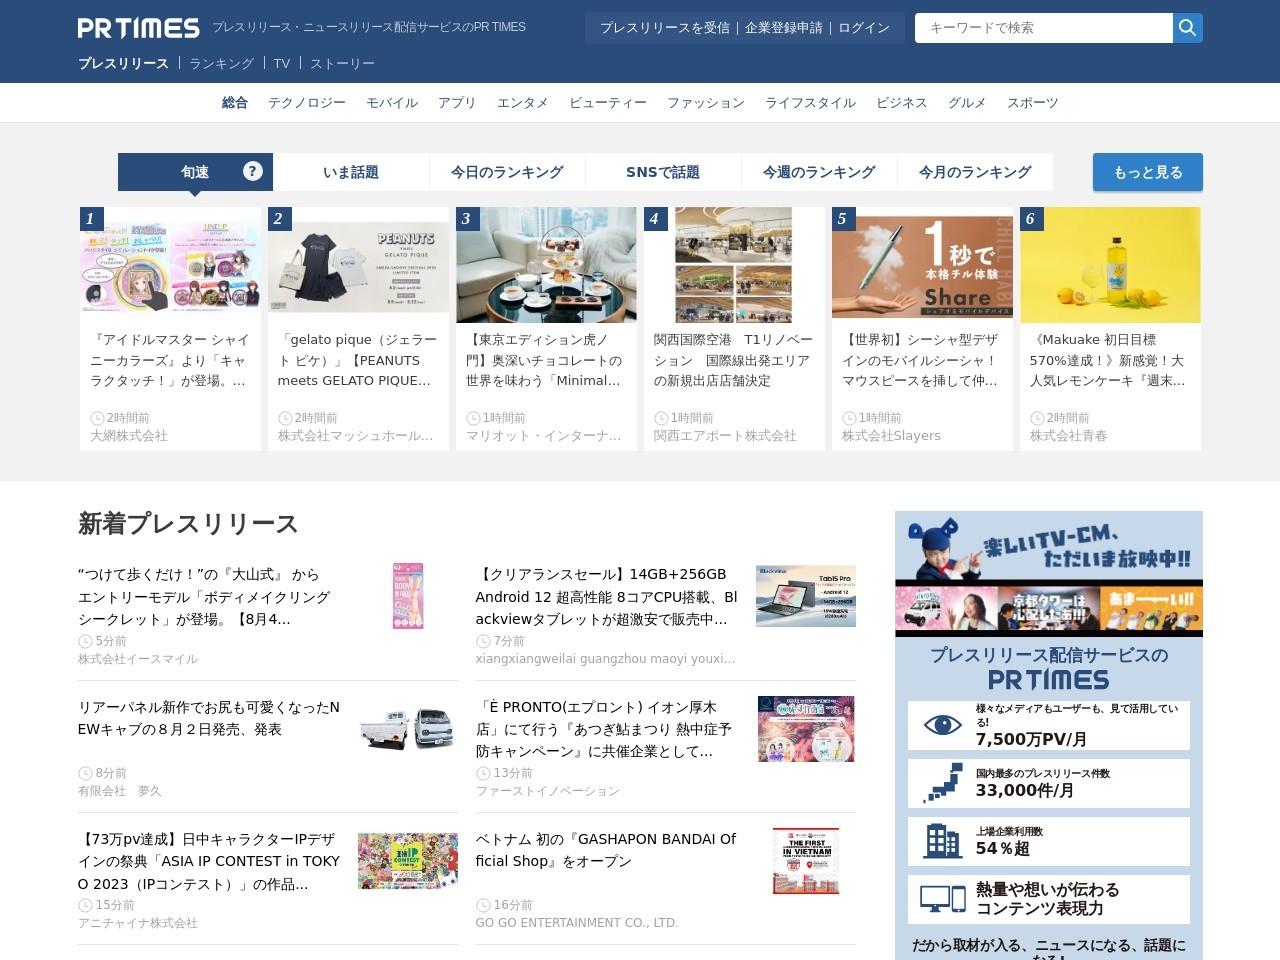 【自動投稿】 銀座7丁目発 SHISEIDO THE STOREオンラインカウンセリング